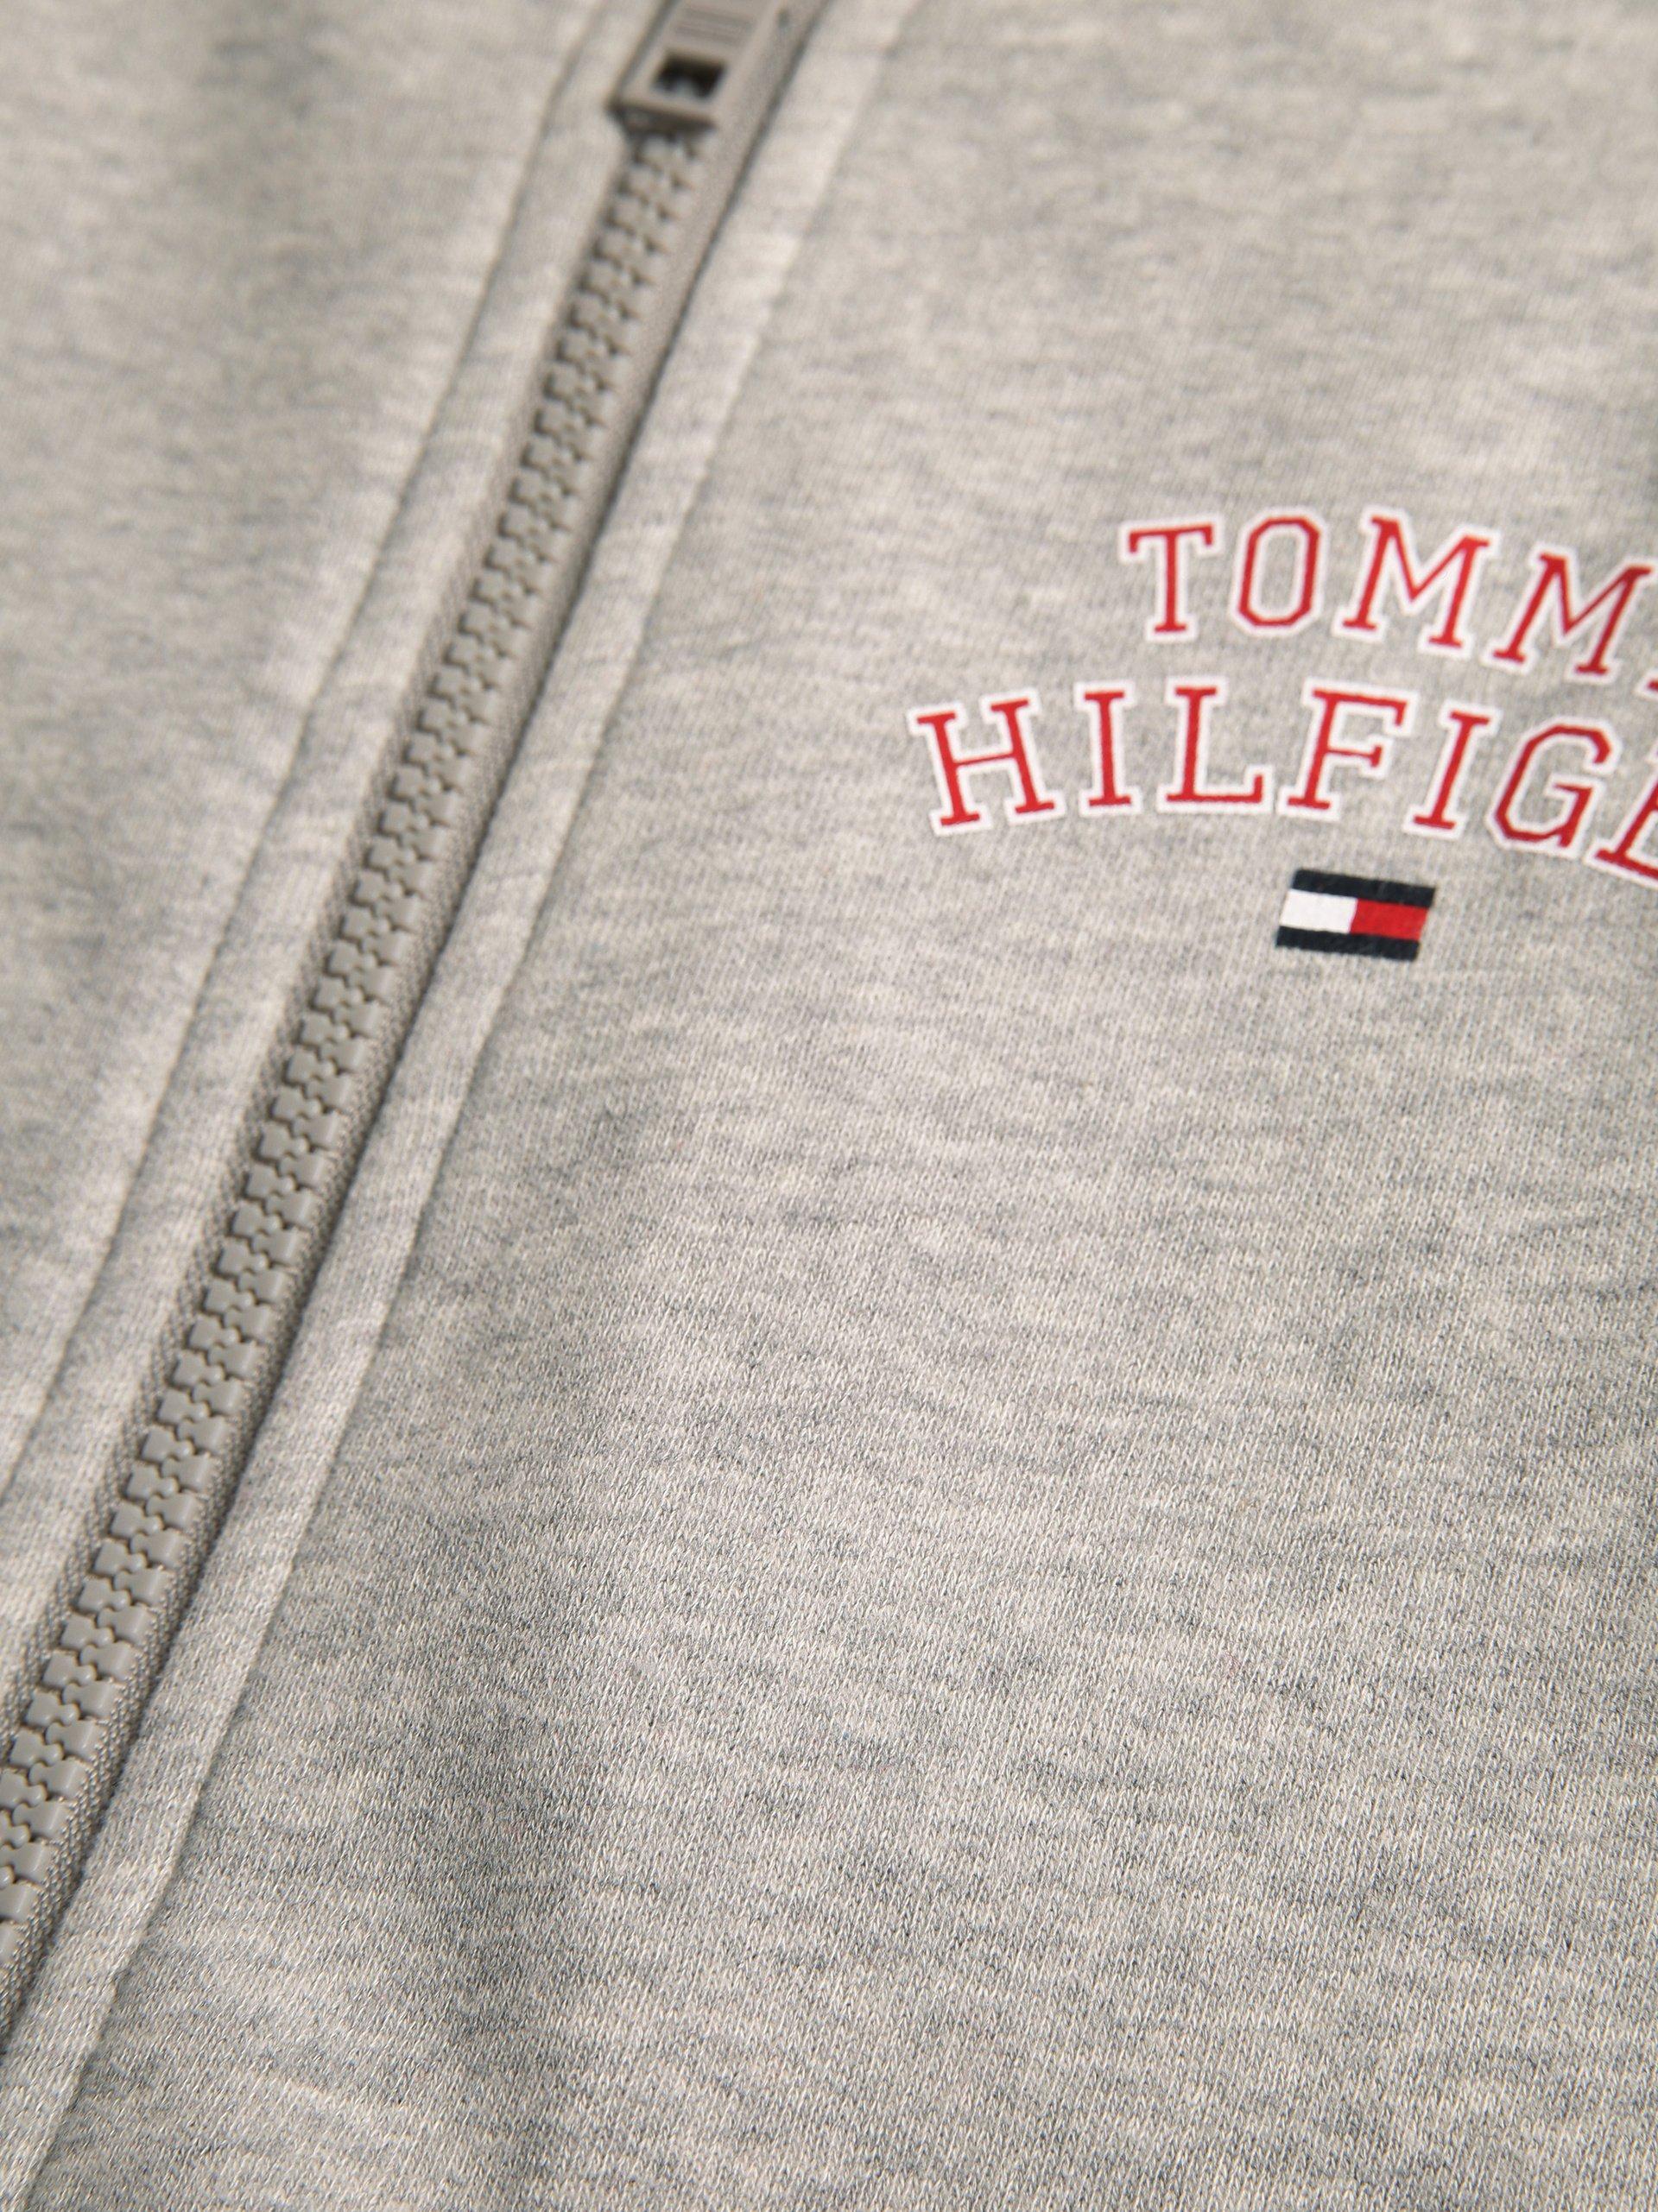 Tommy Hilfiger Jungen Sweatjacke